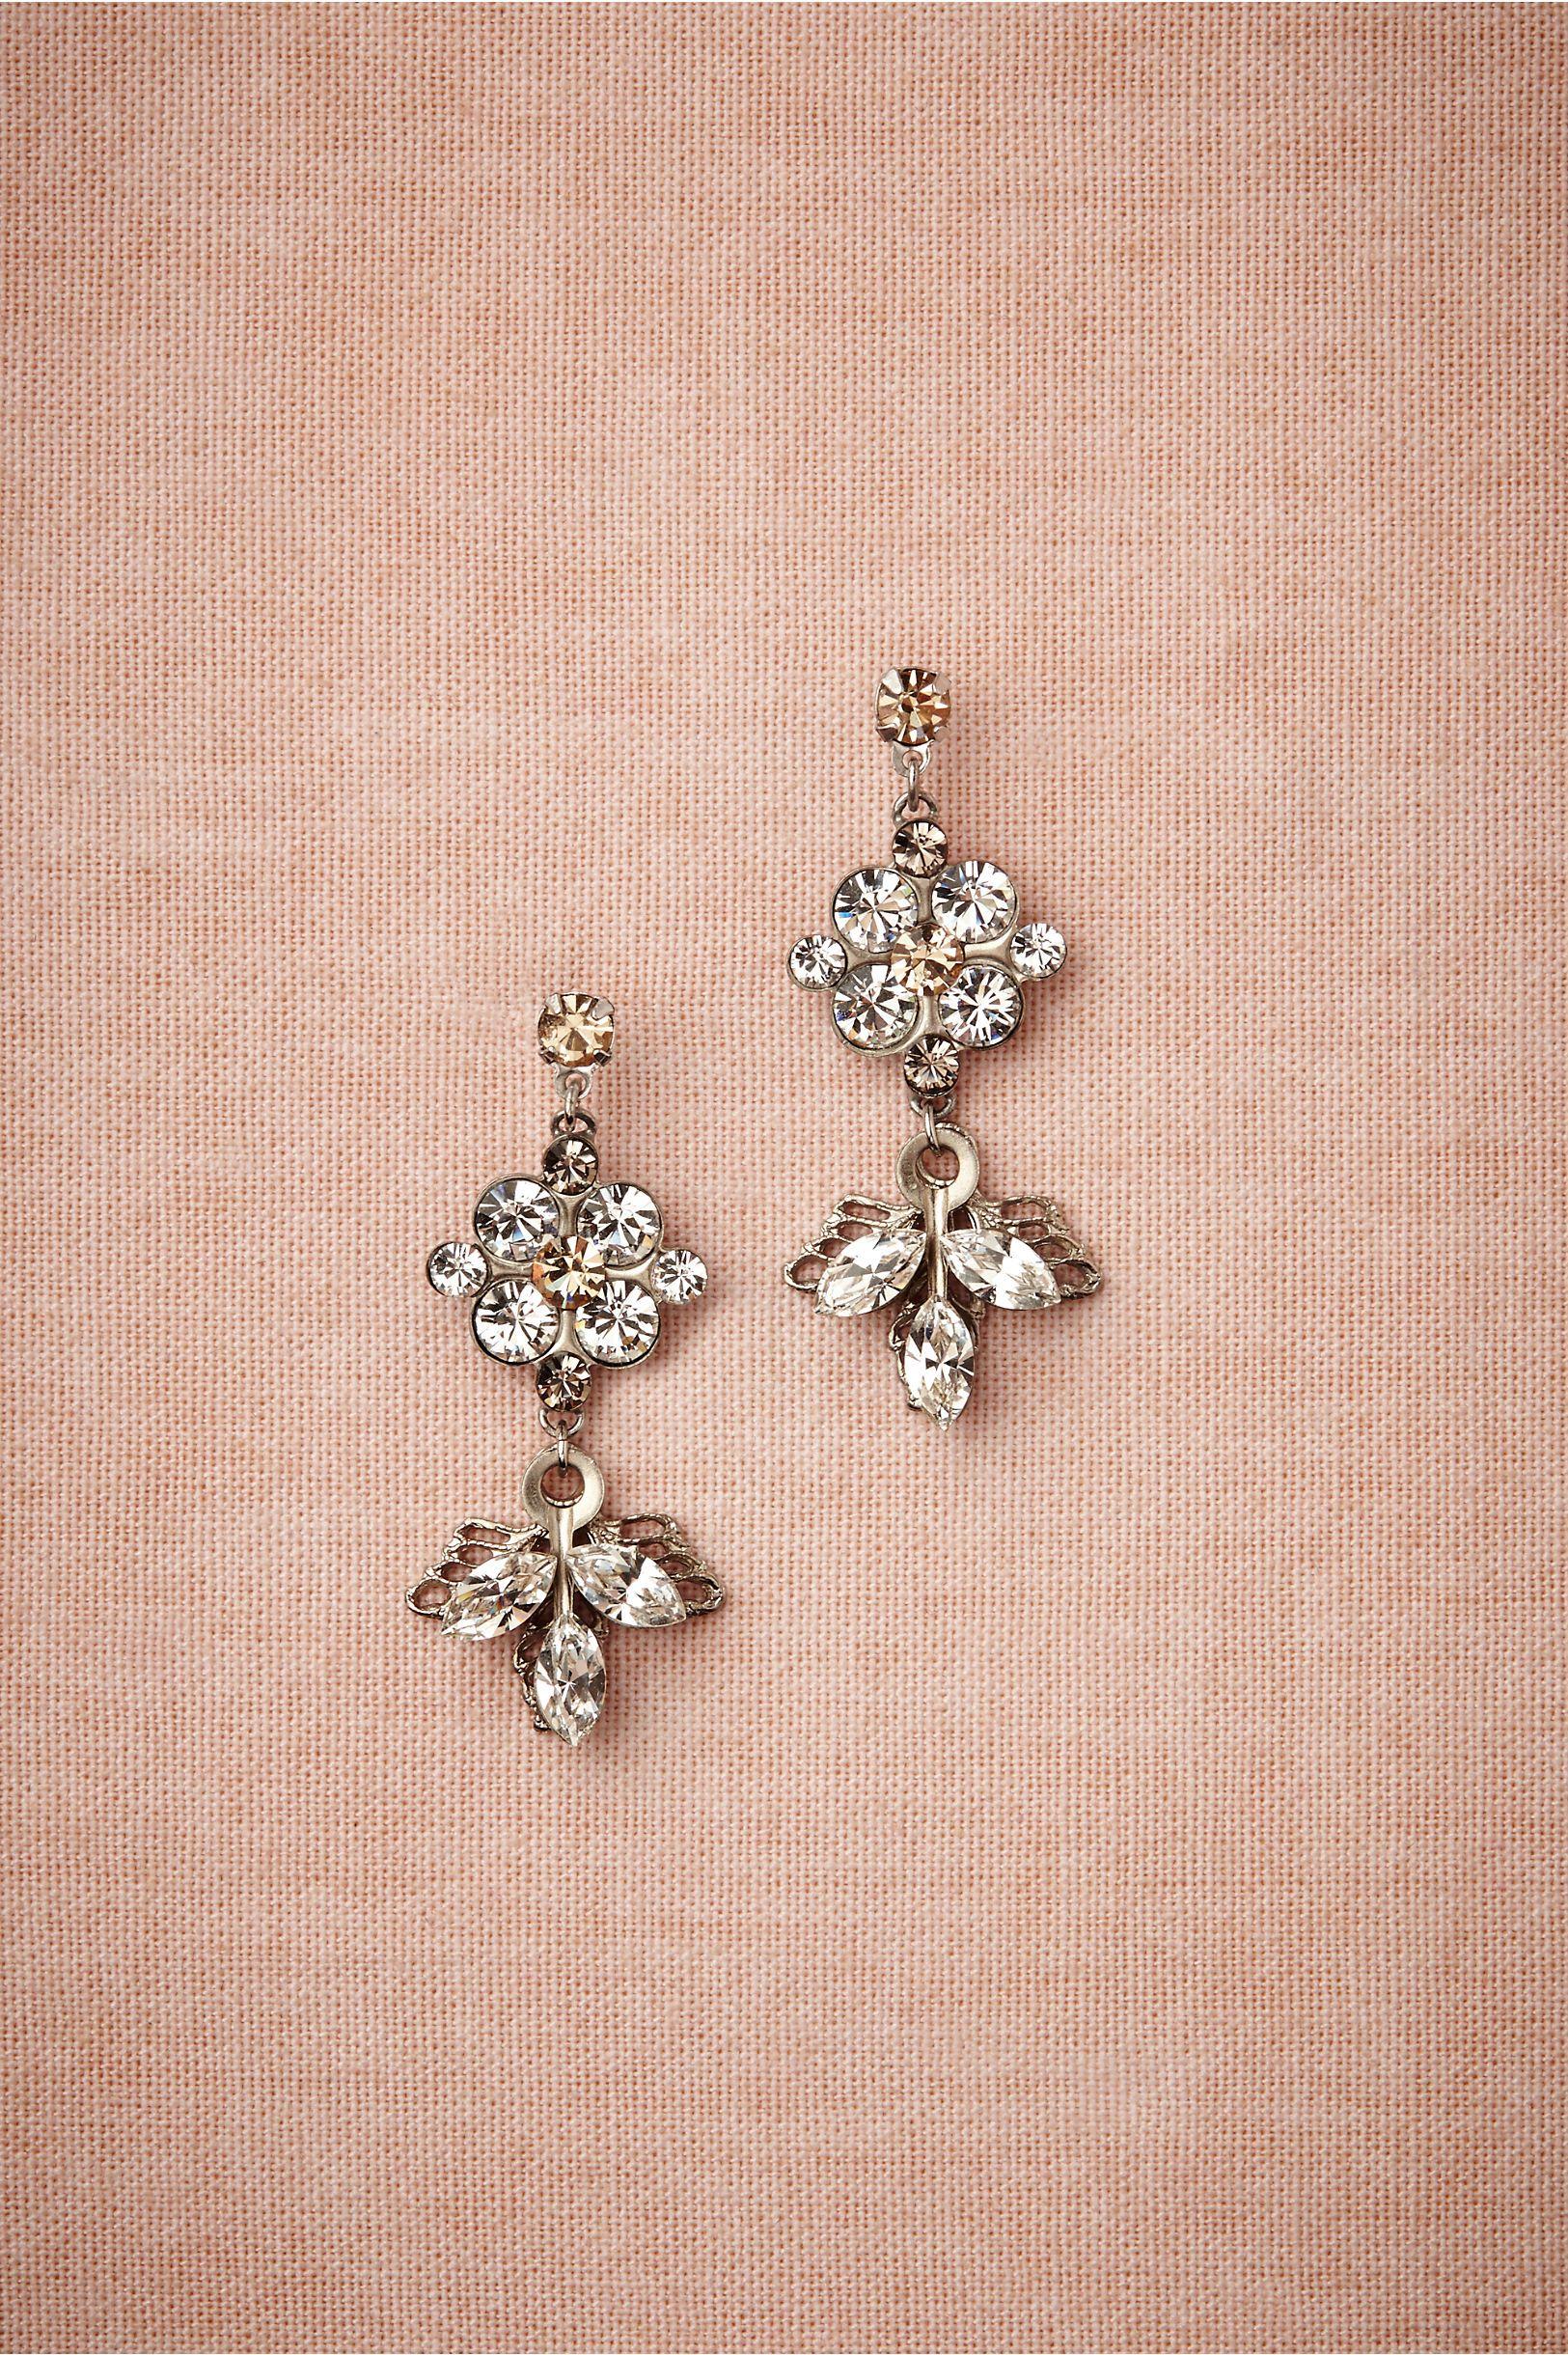 Levant Earrings in Bride Bridal Jewelry Earrings at BHLDN